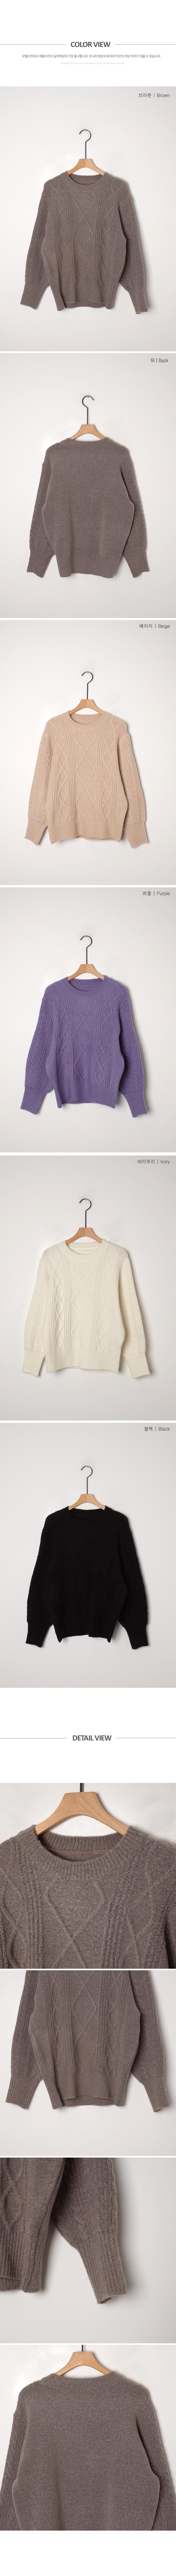 Subtle Charming Beauty Argyle Knit